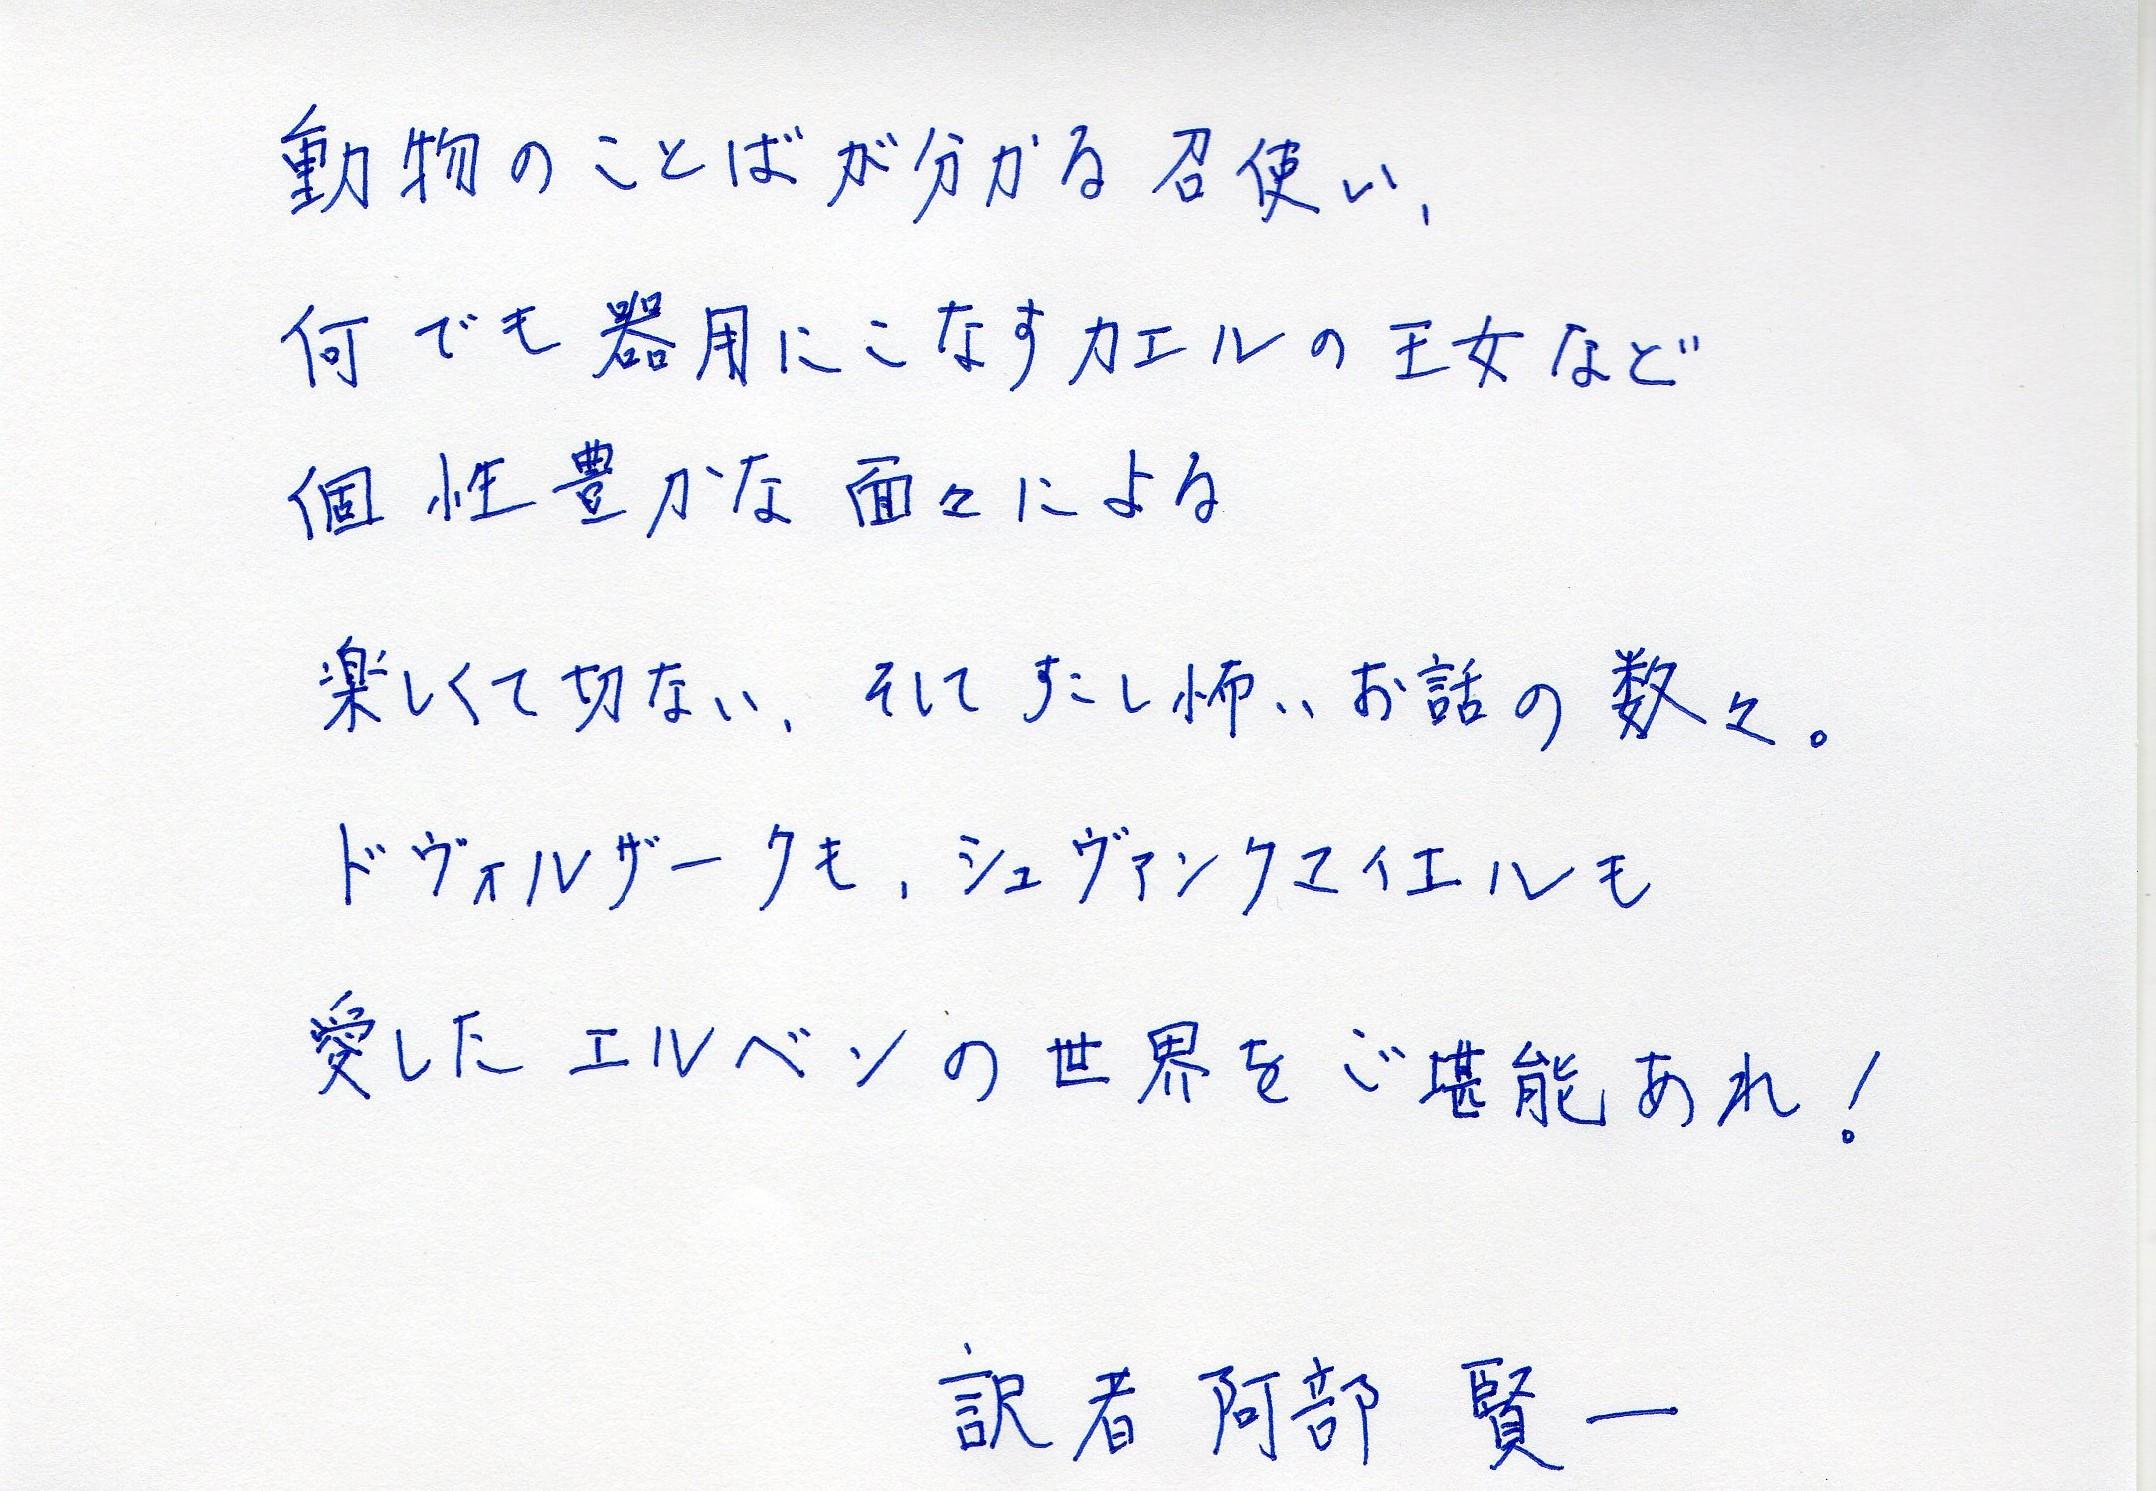 阿部先生 手書きメッセージ